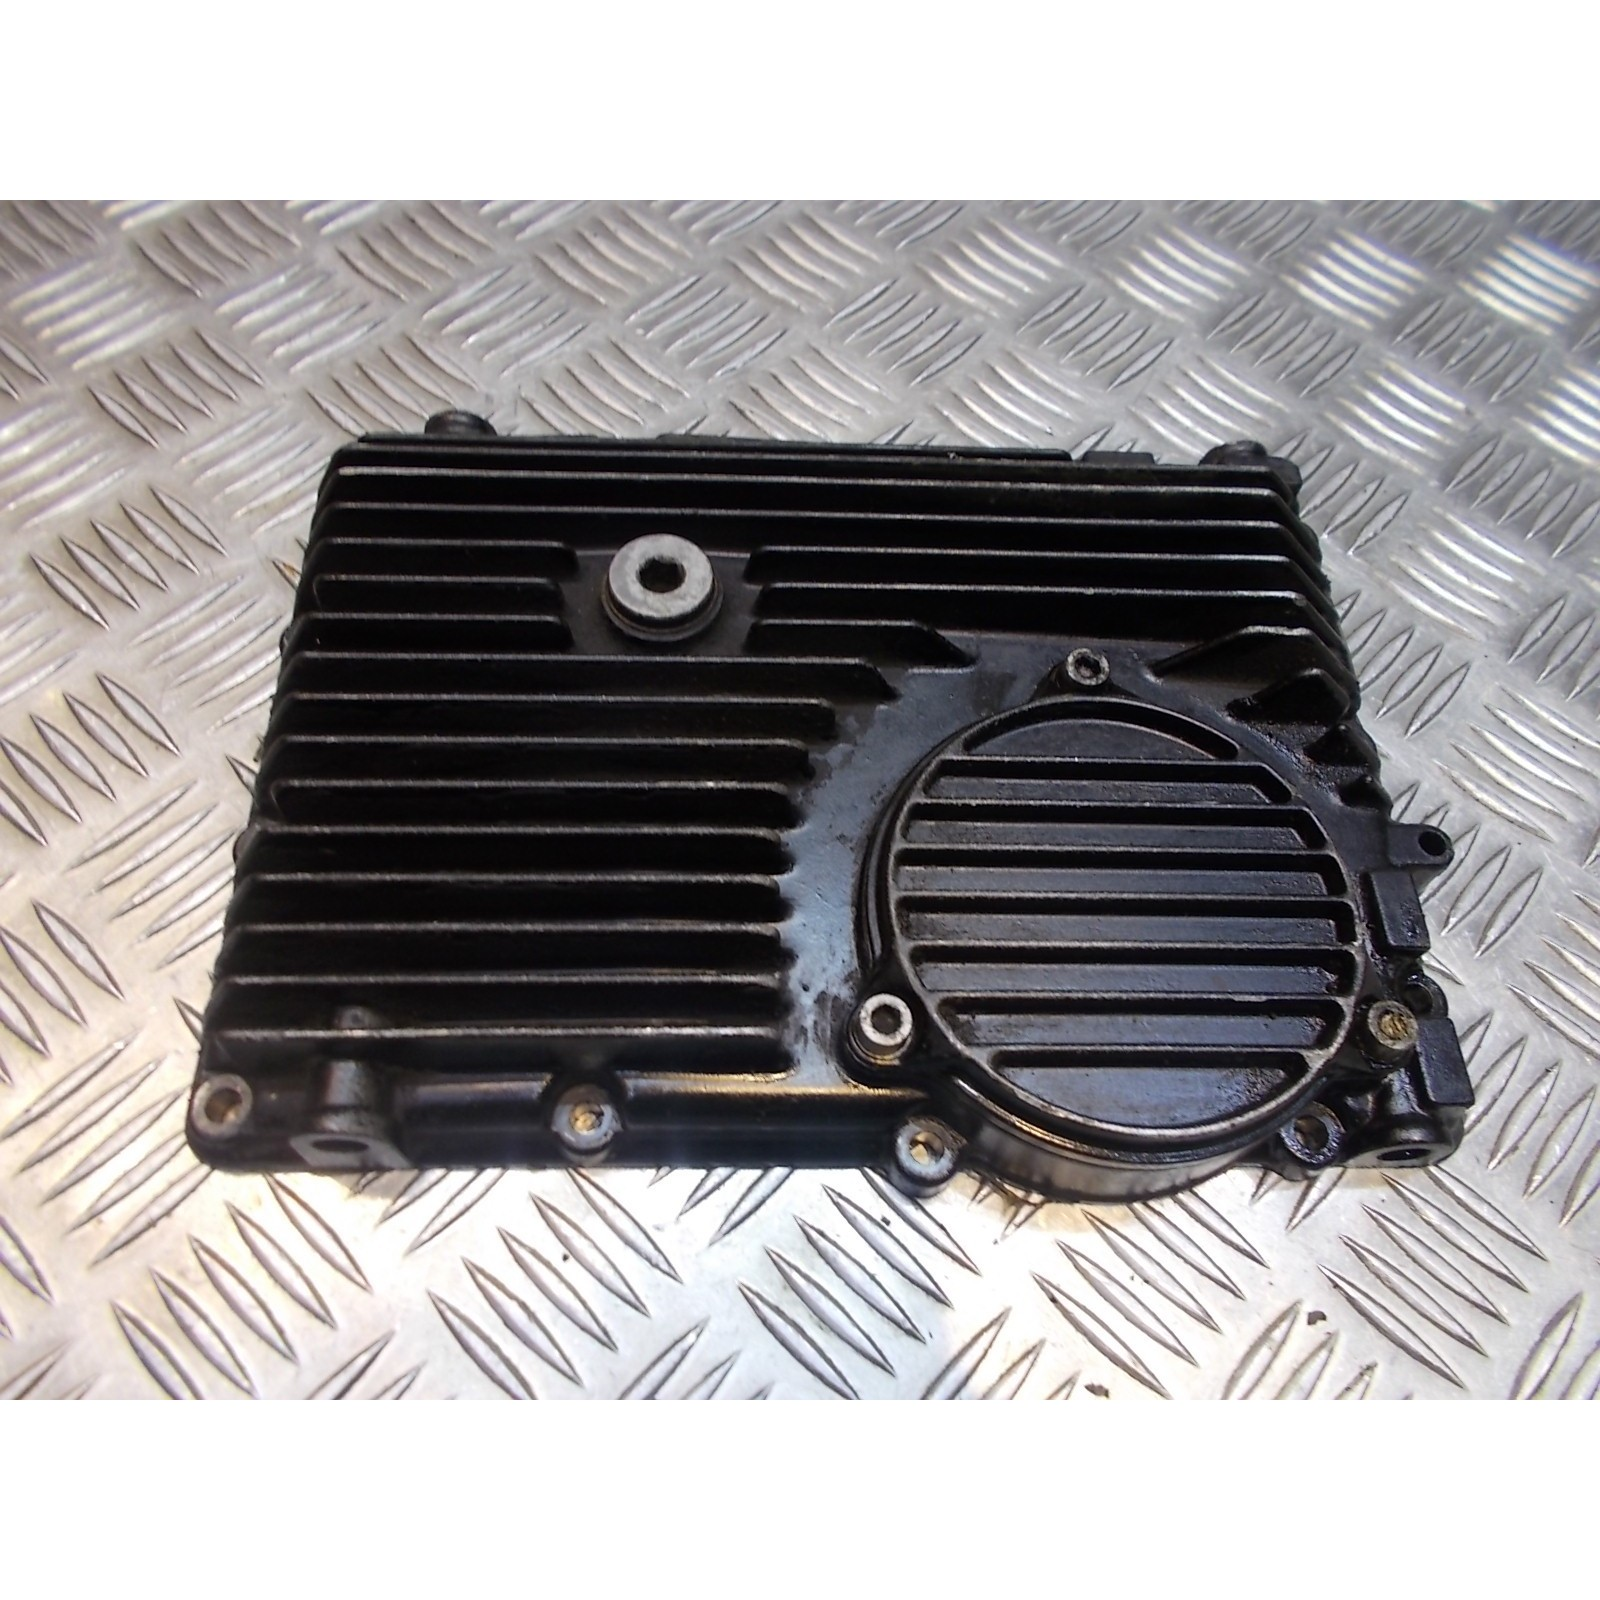 carter inferieur huile moteur moto bmw k 1200 lt wb10545a 1999 - 03